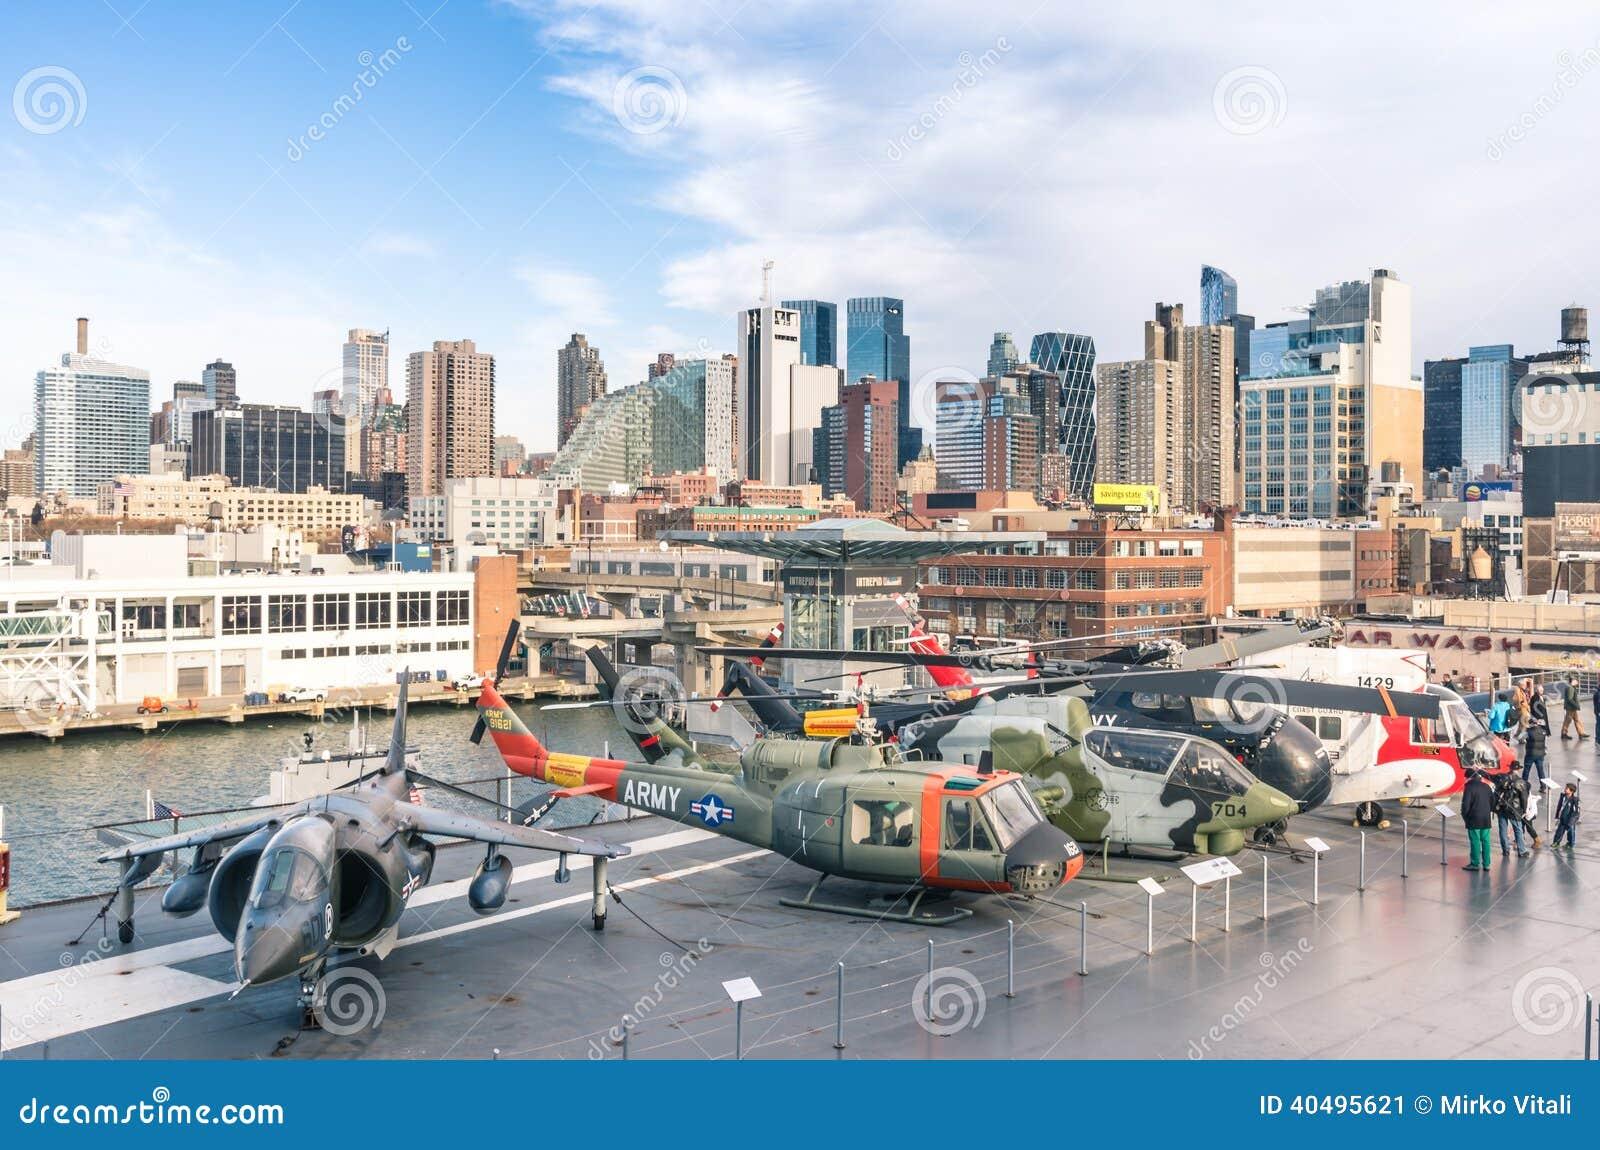 Jets y helicópteros militares dentro del mar, del aire y del museo espacial intrépidos